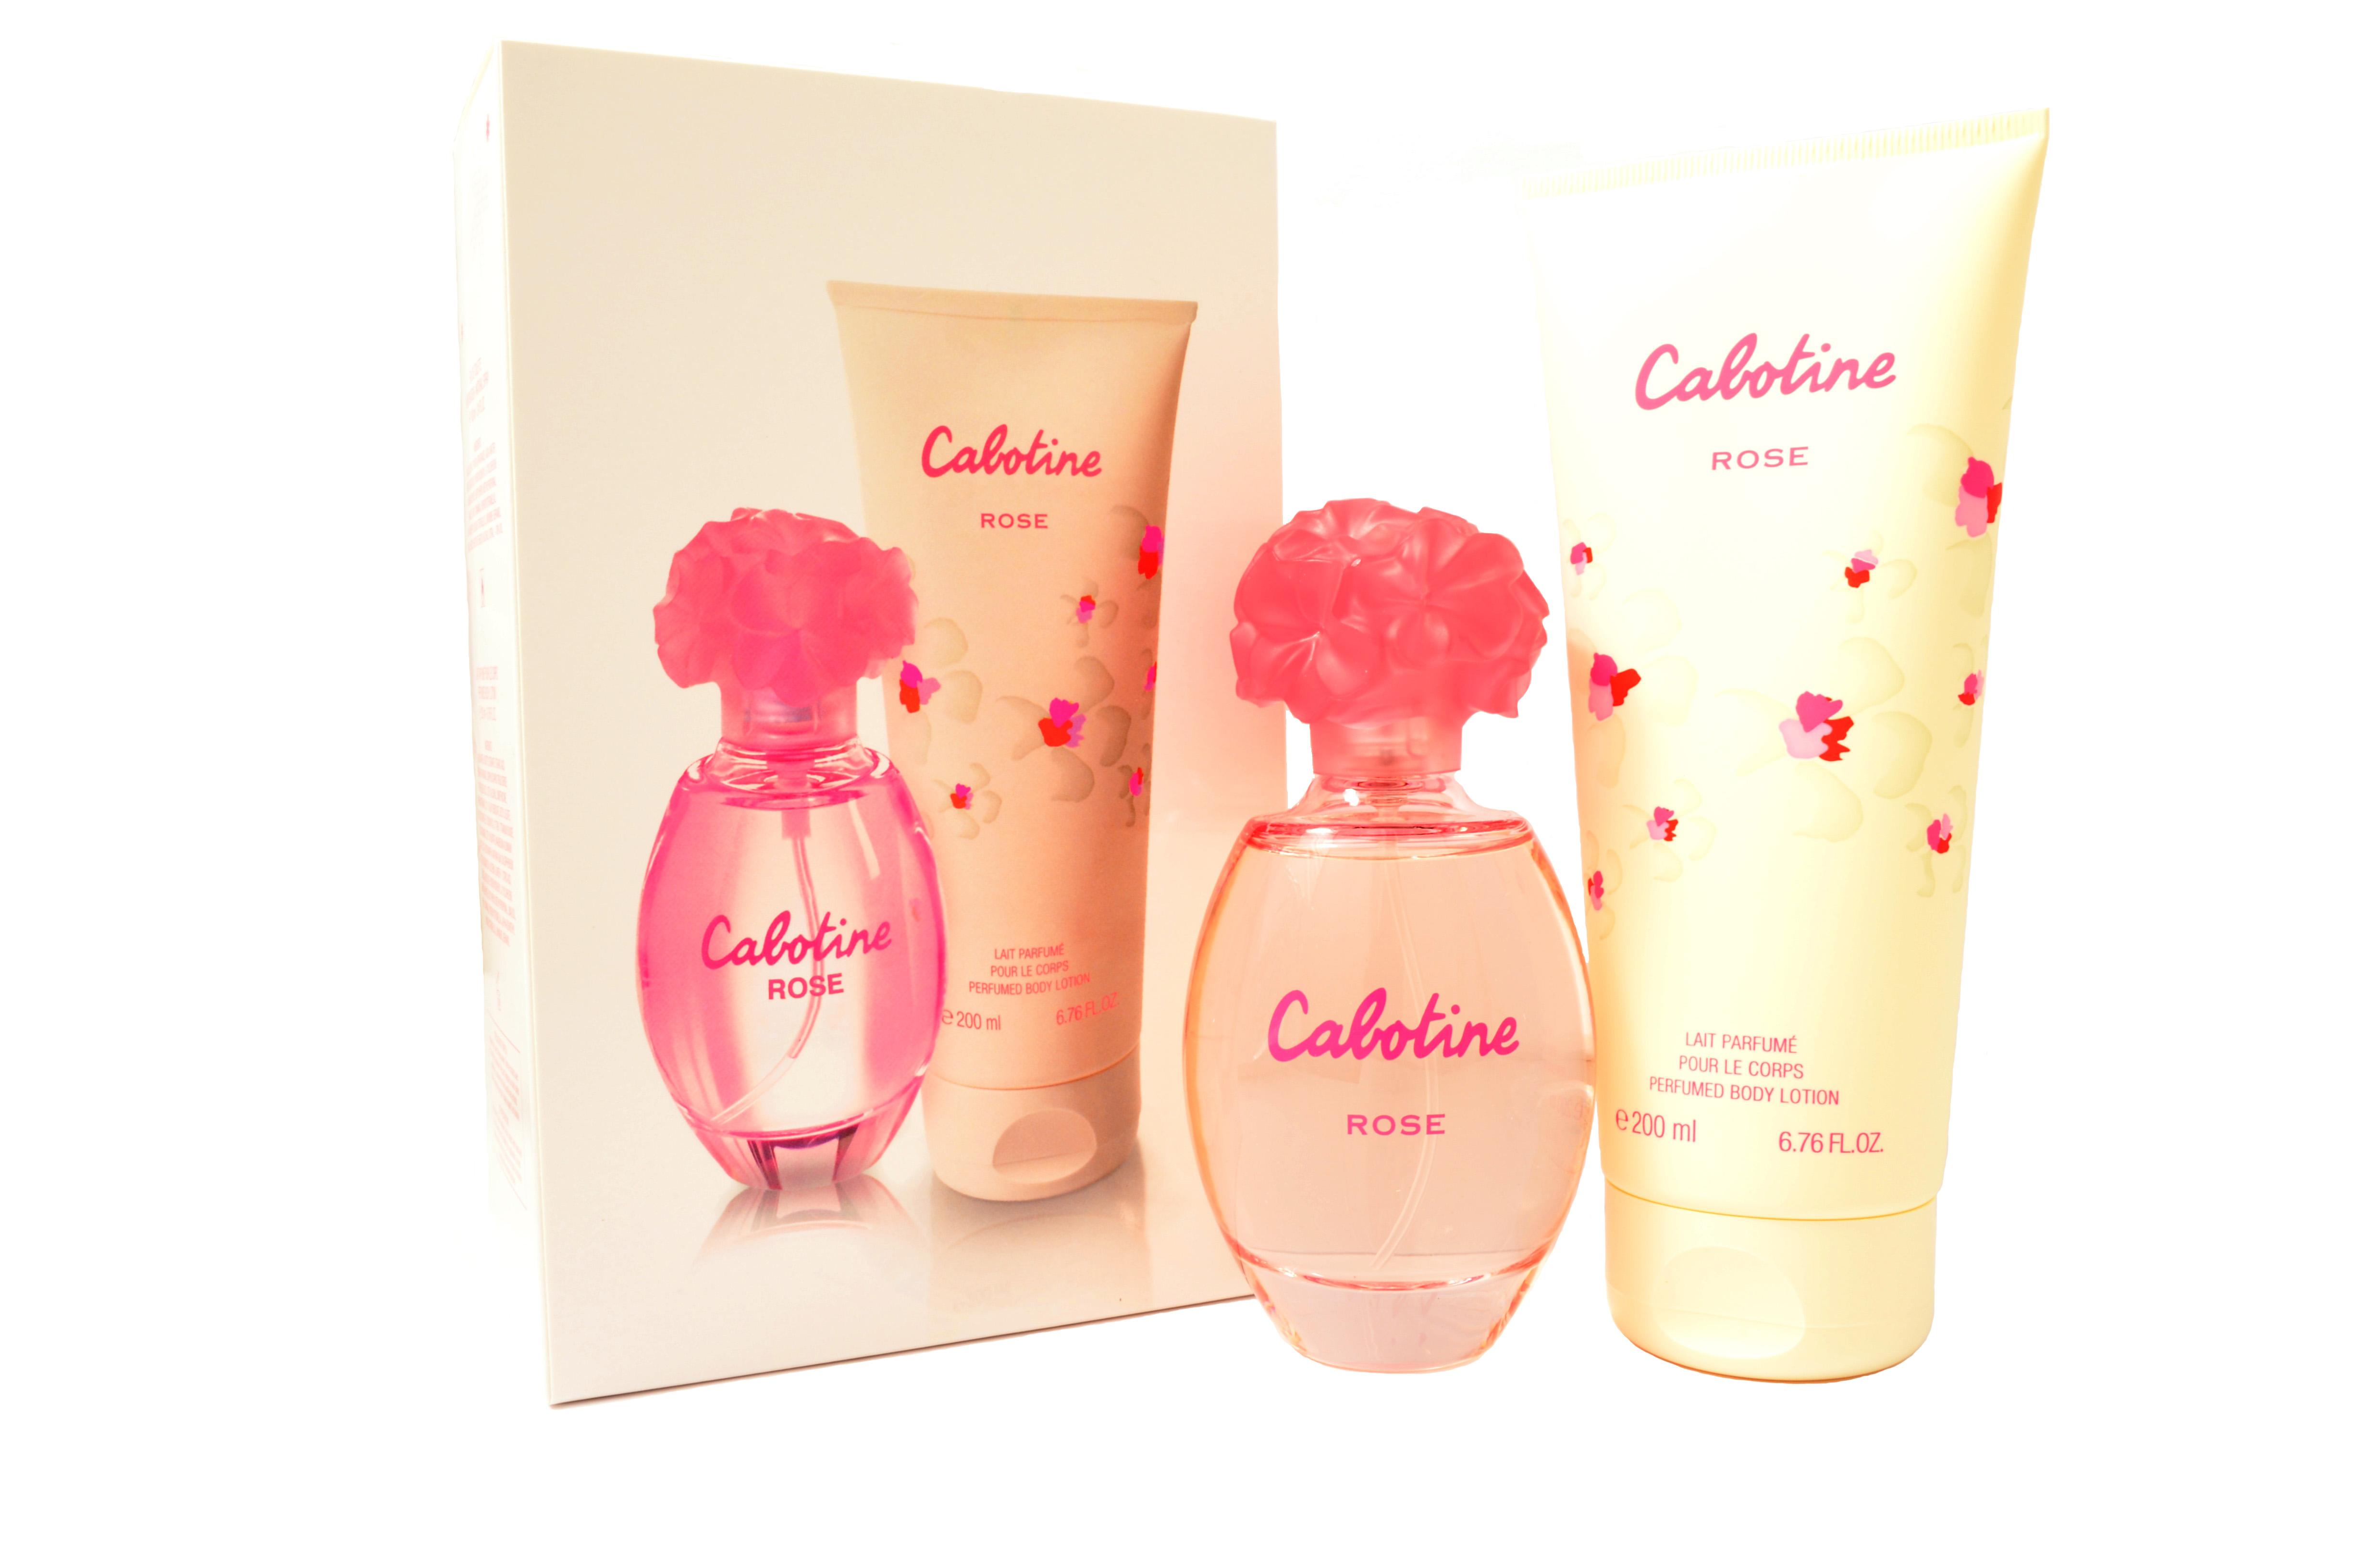 Parfums Grès Cabotine Rose Eau de Toilette 2 Pieces Gift Set